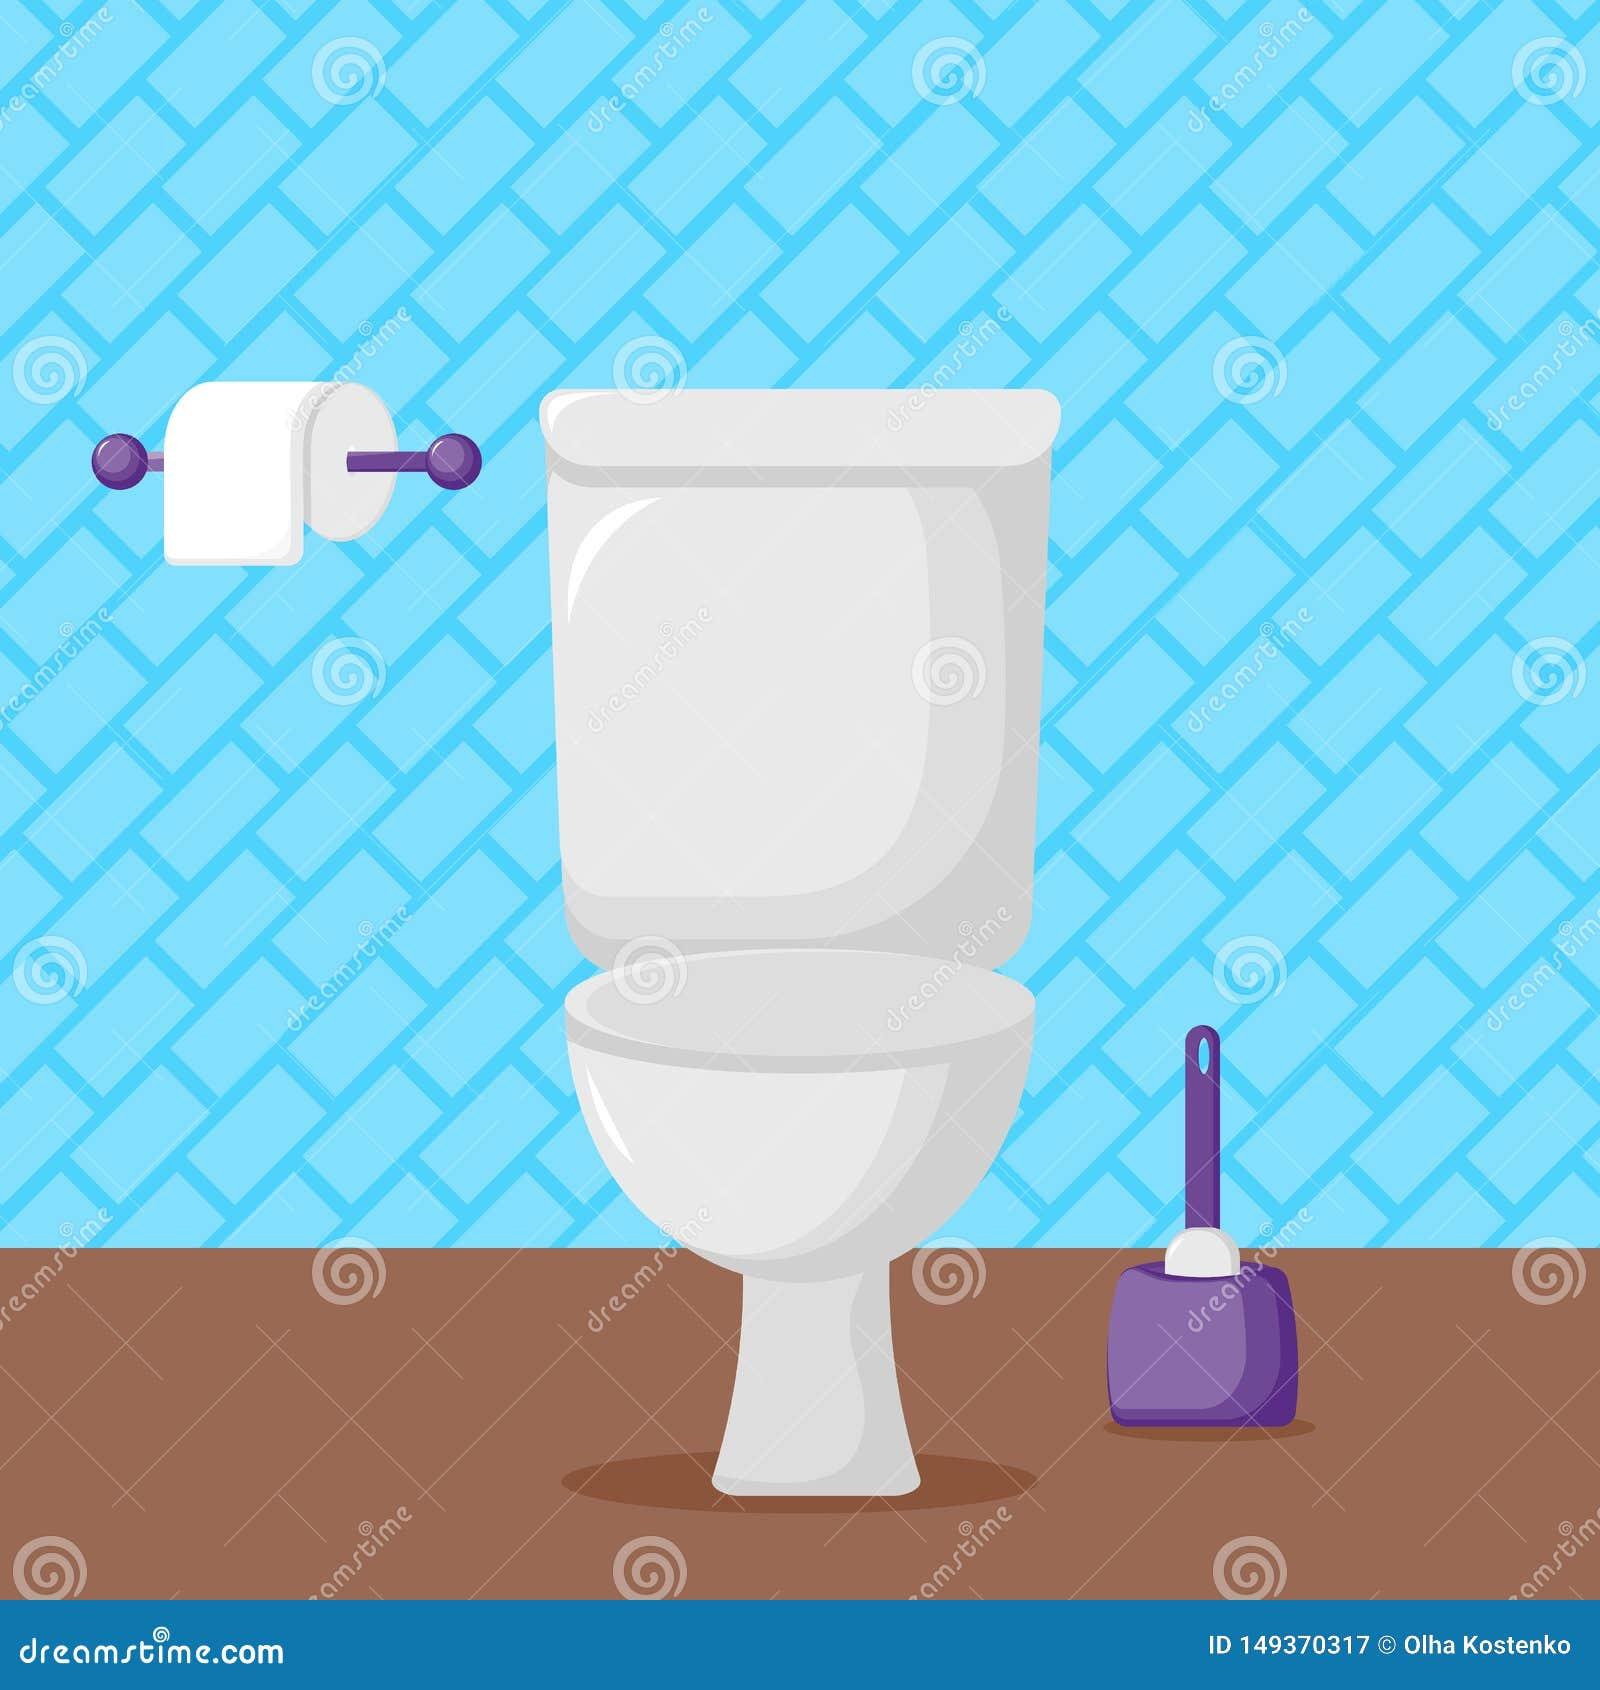 Toilette de c?ramique, papier hygi?nique et brosse blancs